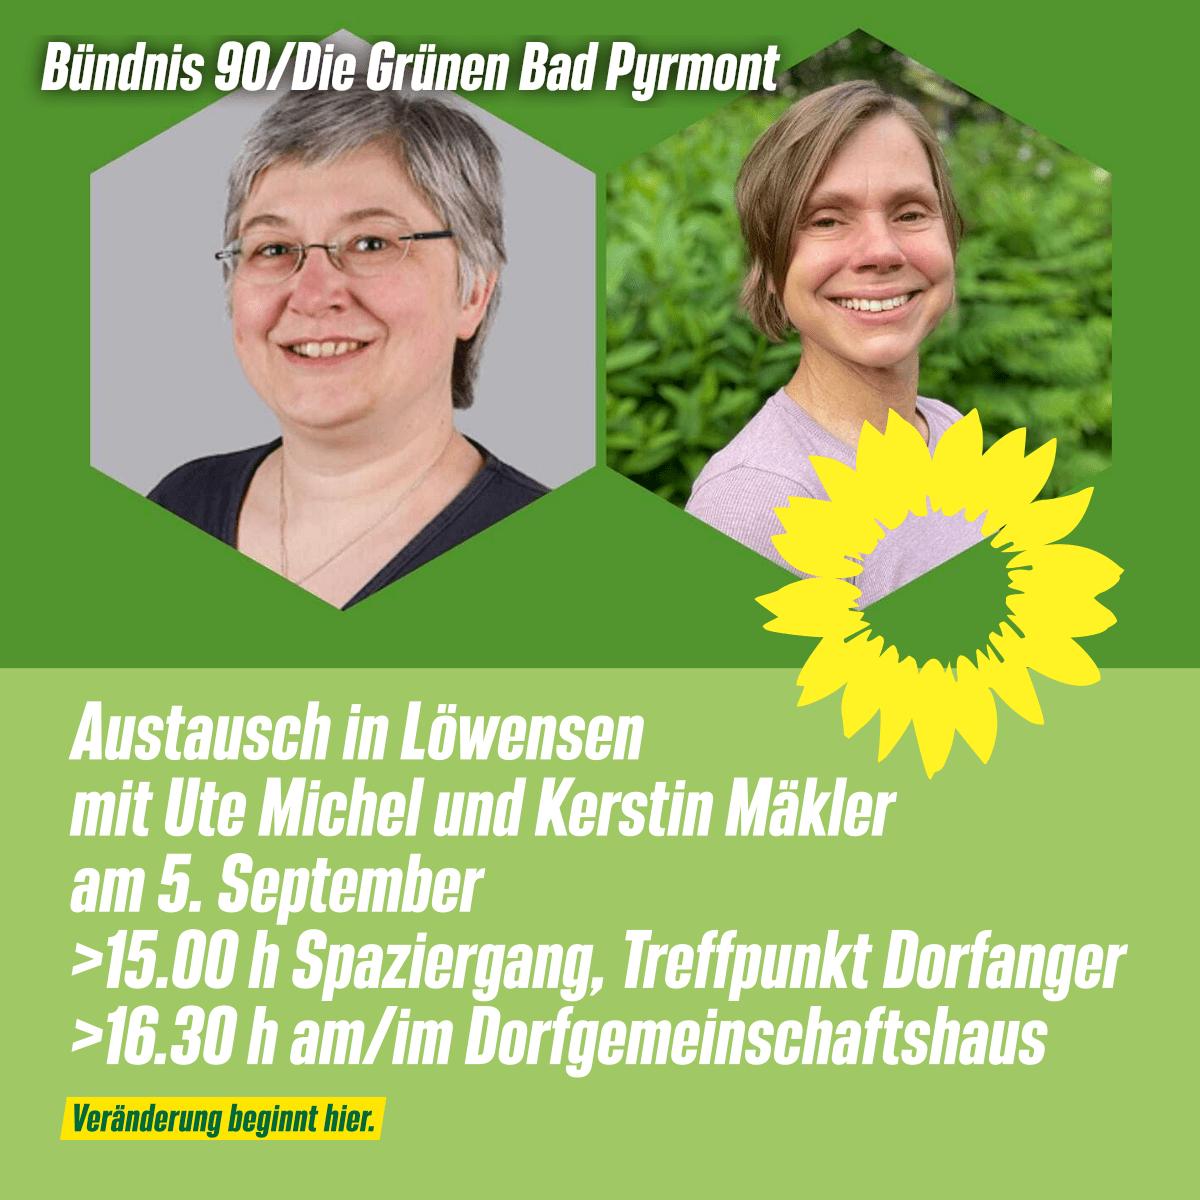 Gedankenaustausch in Löwensen: 5.9., 15.00 h / 16.30 h